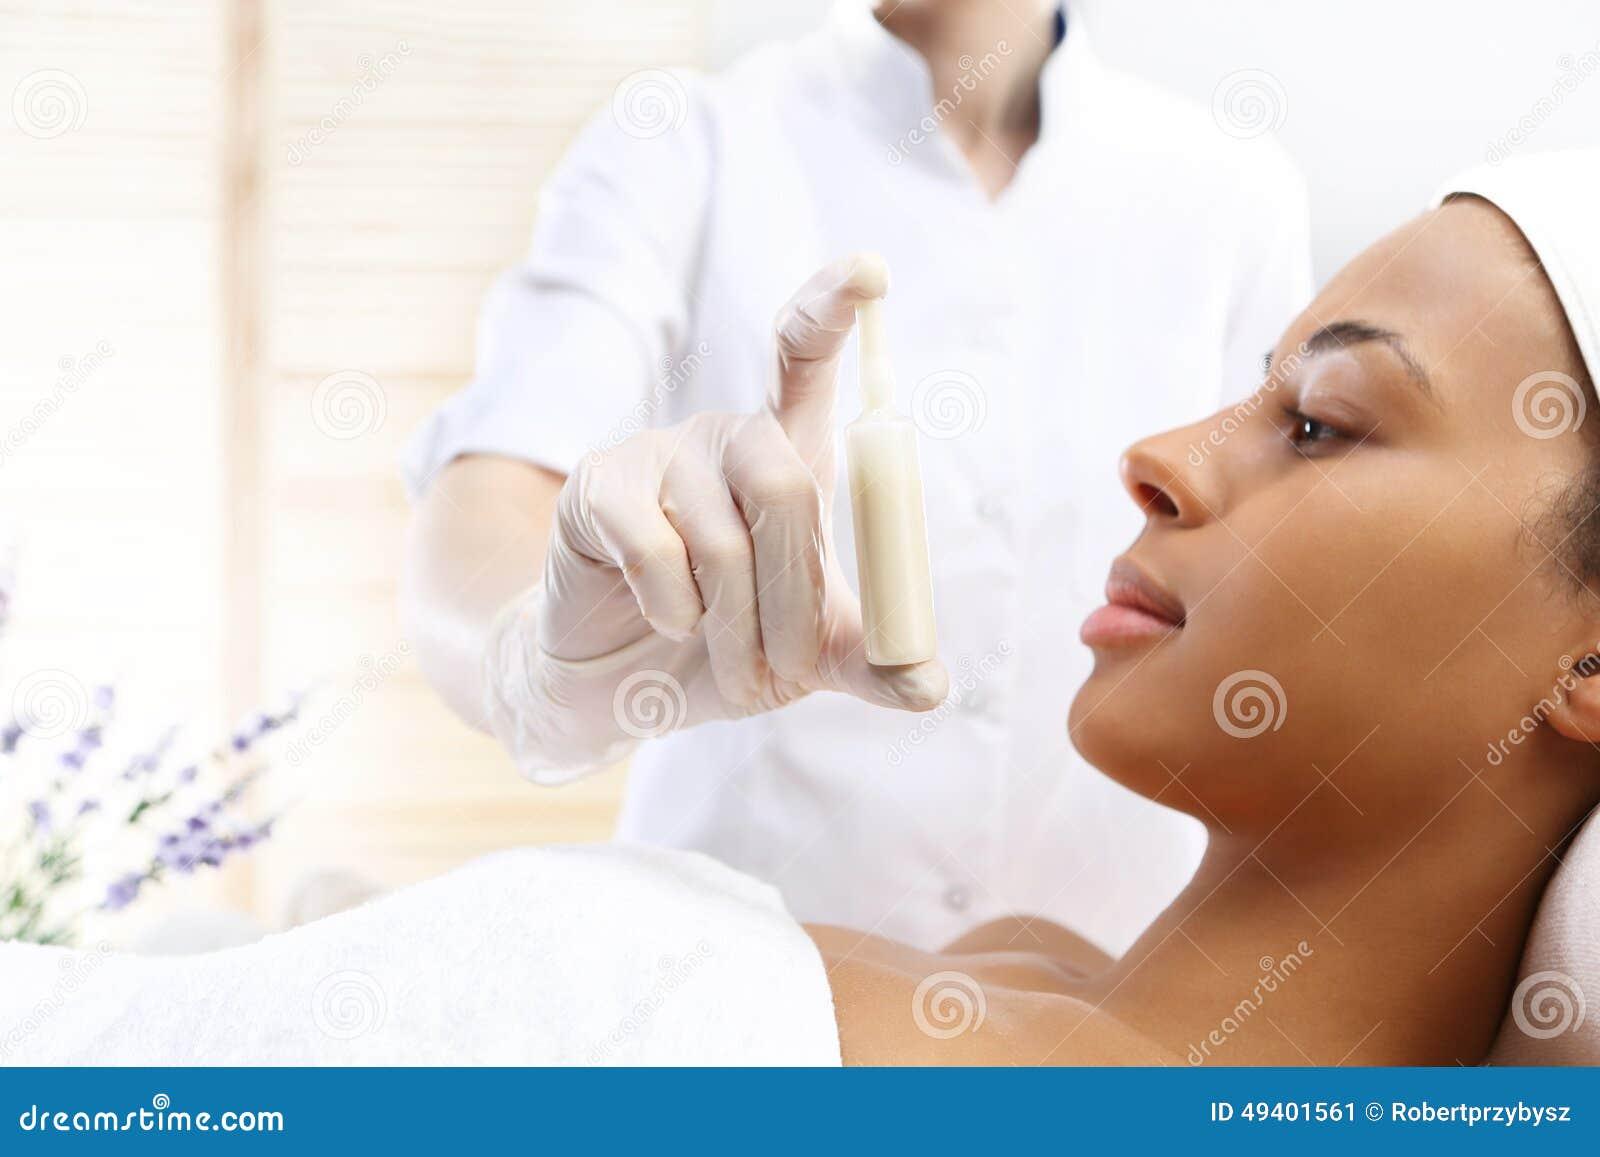 Download Handkosmetiker Zeigt Eine Ampulle Mit Einer Kosmetischen Vorbereitung Stockbild - Bild von kosmetik, nahrung: 49401561